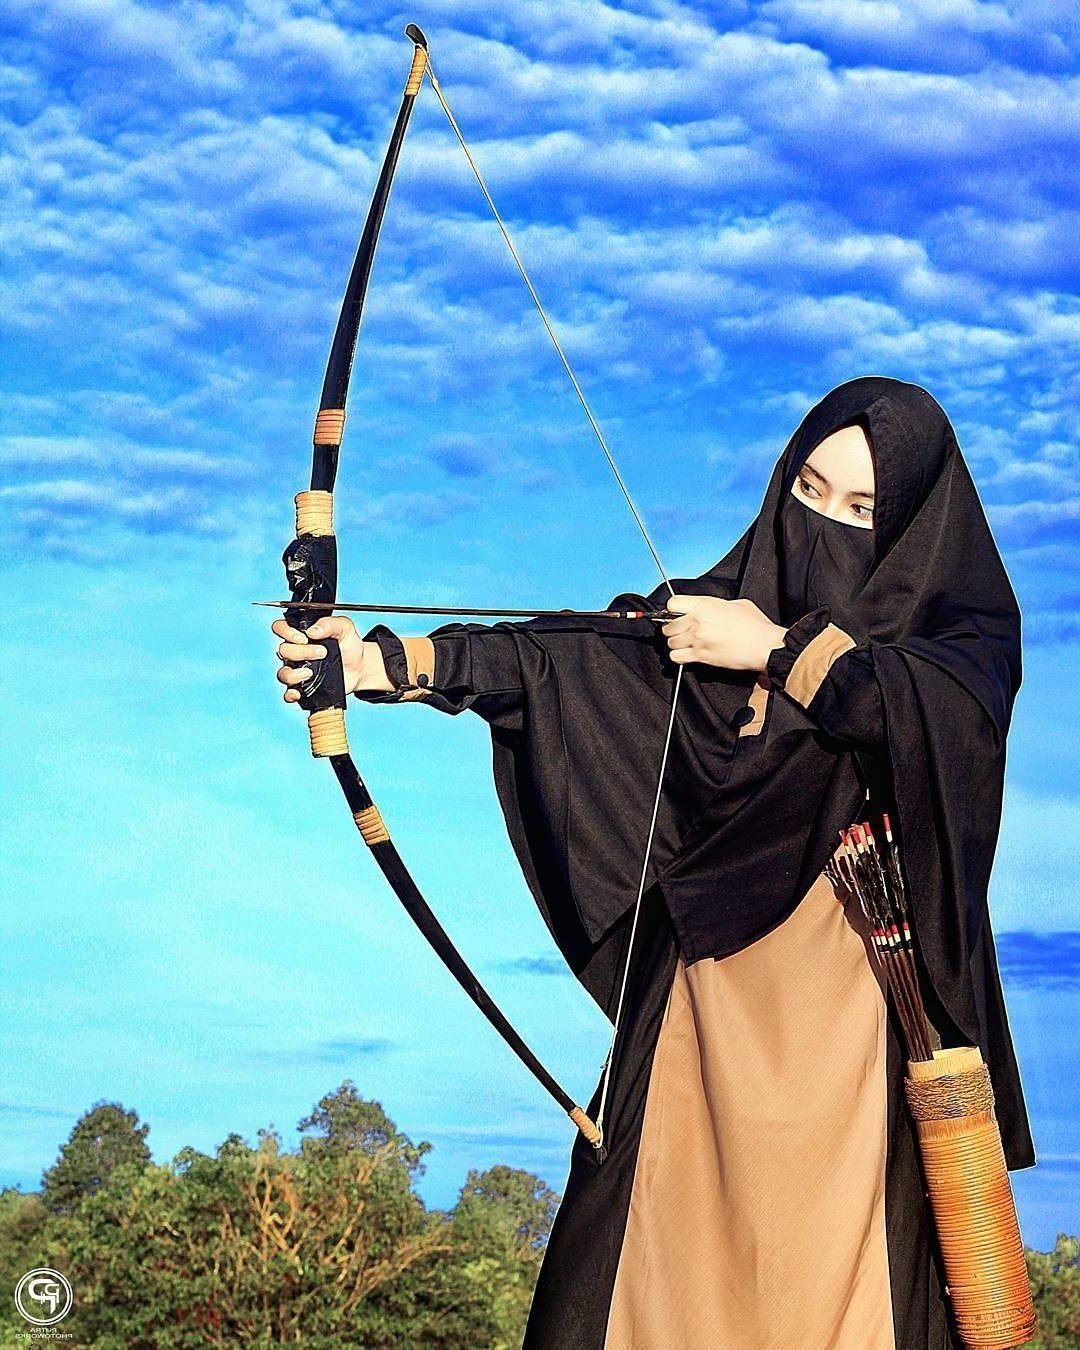 Design Muslimah Bercadar Memanah Qwdq 6200 Koleksi Gambar Kartun Wanita Bercadar Sedang Memanah